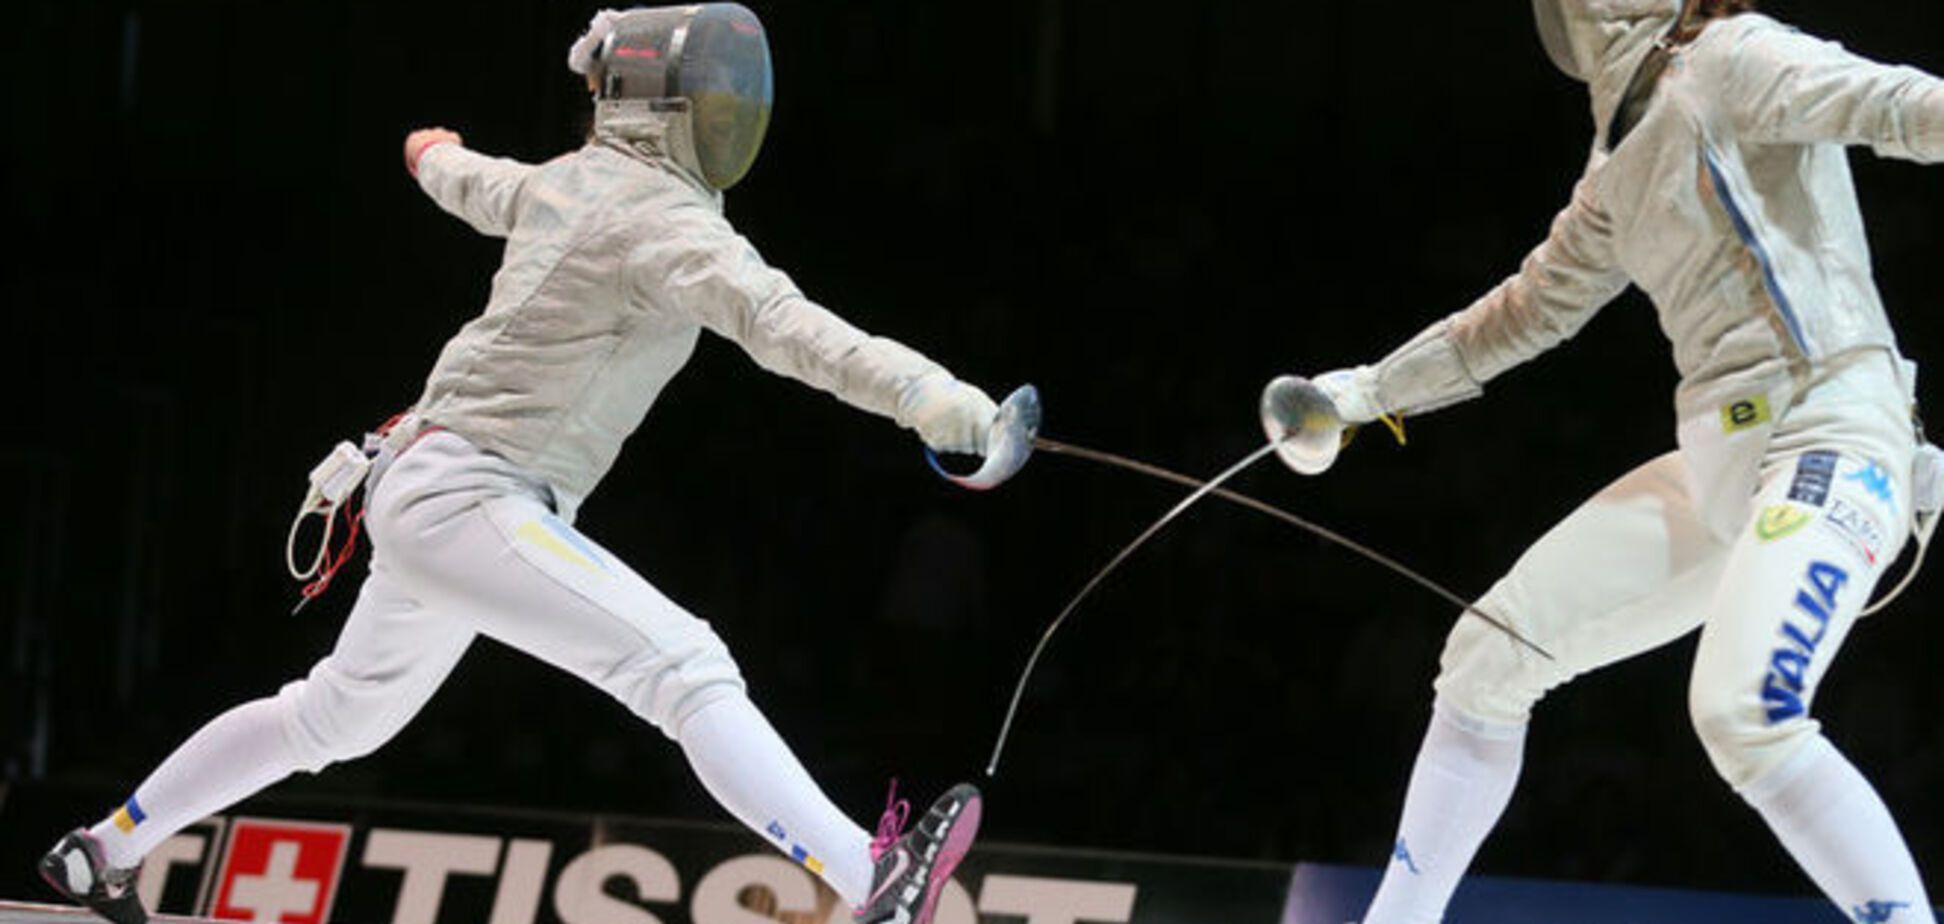 Чемпионат мира по фехтованию: смотреть онлайн видеотрансляцию